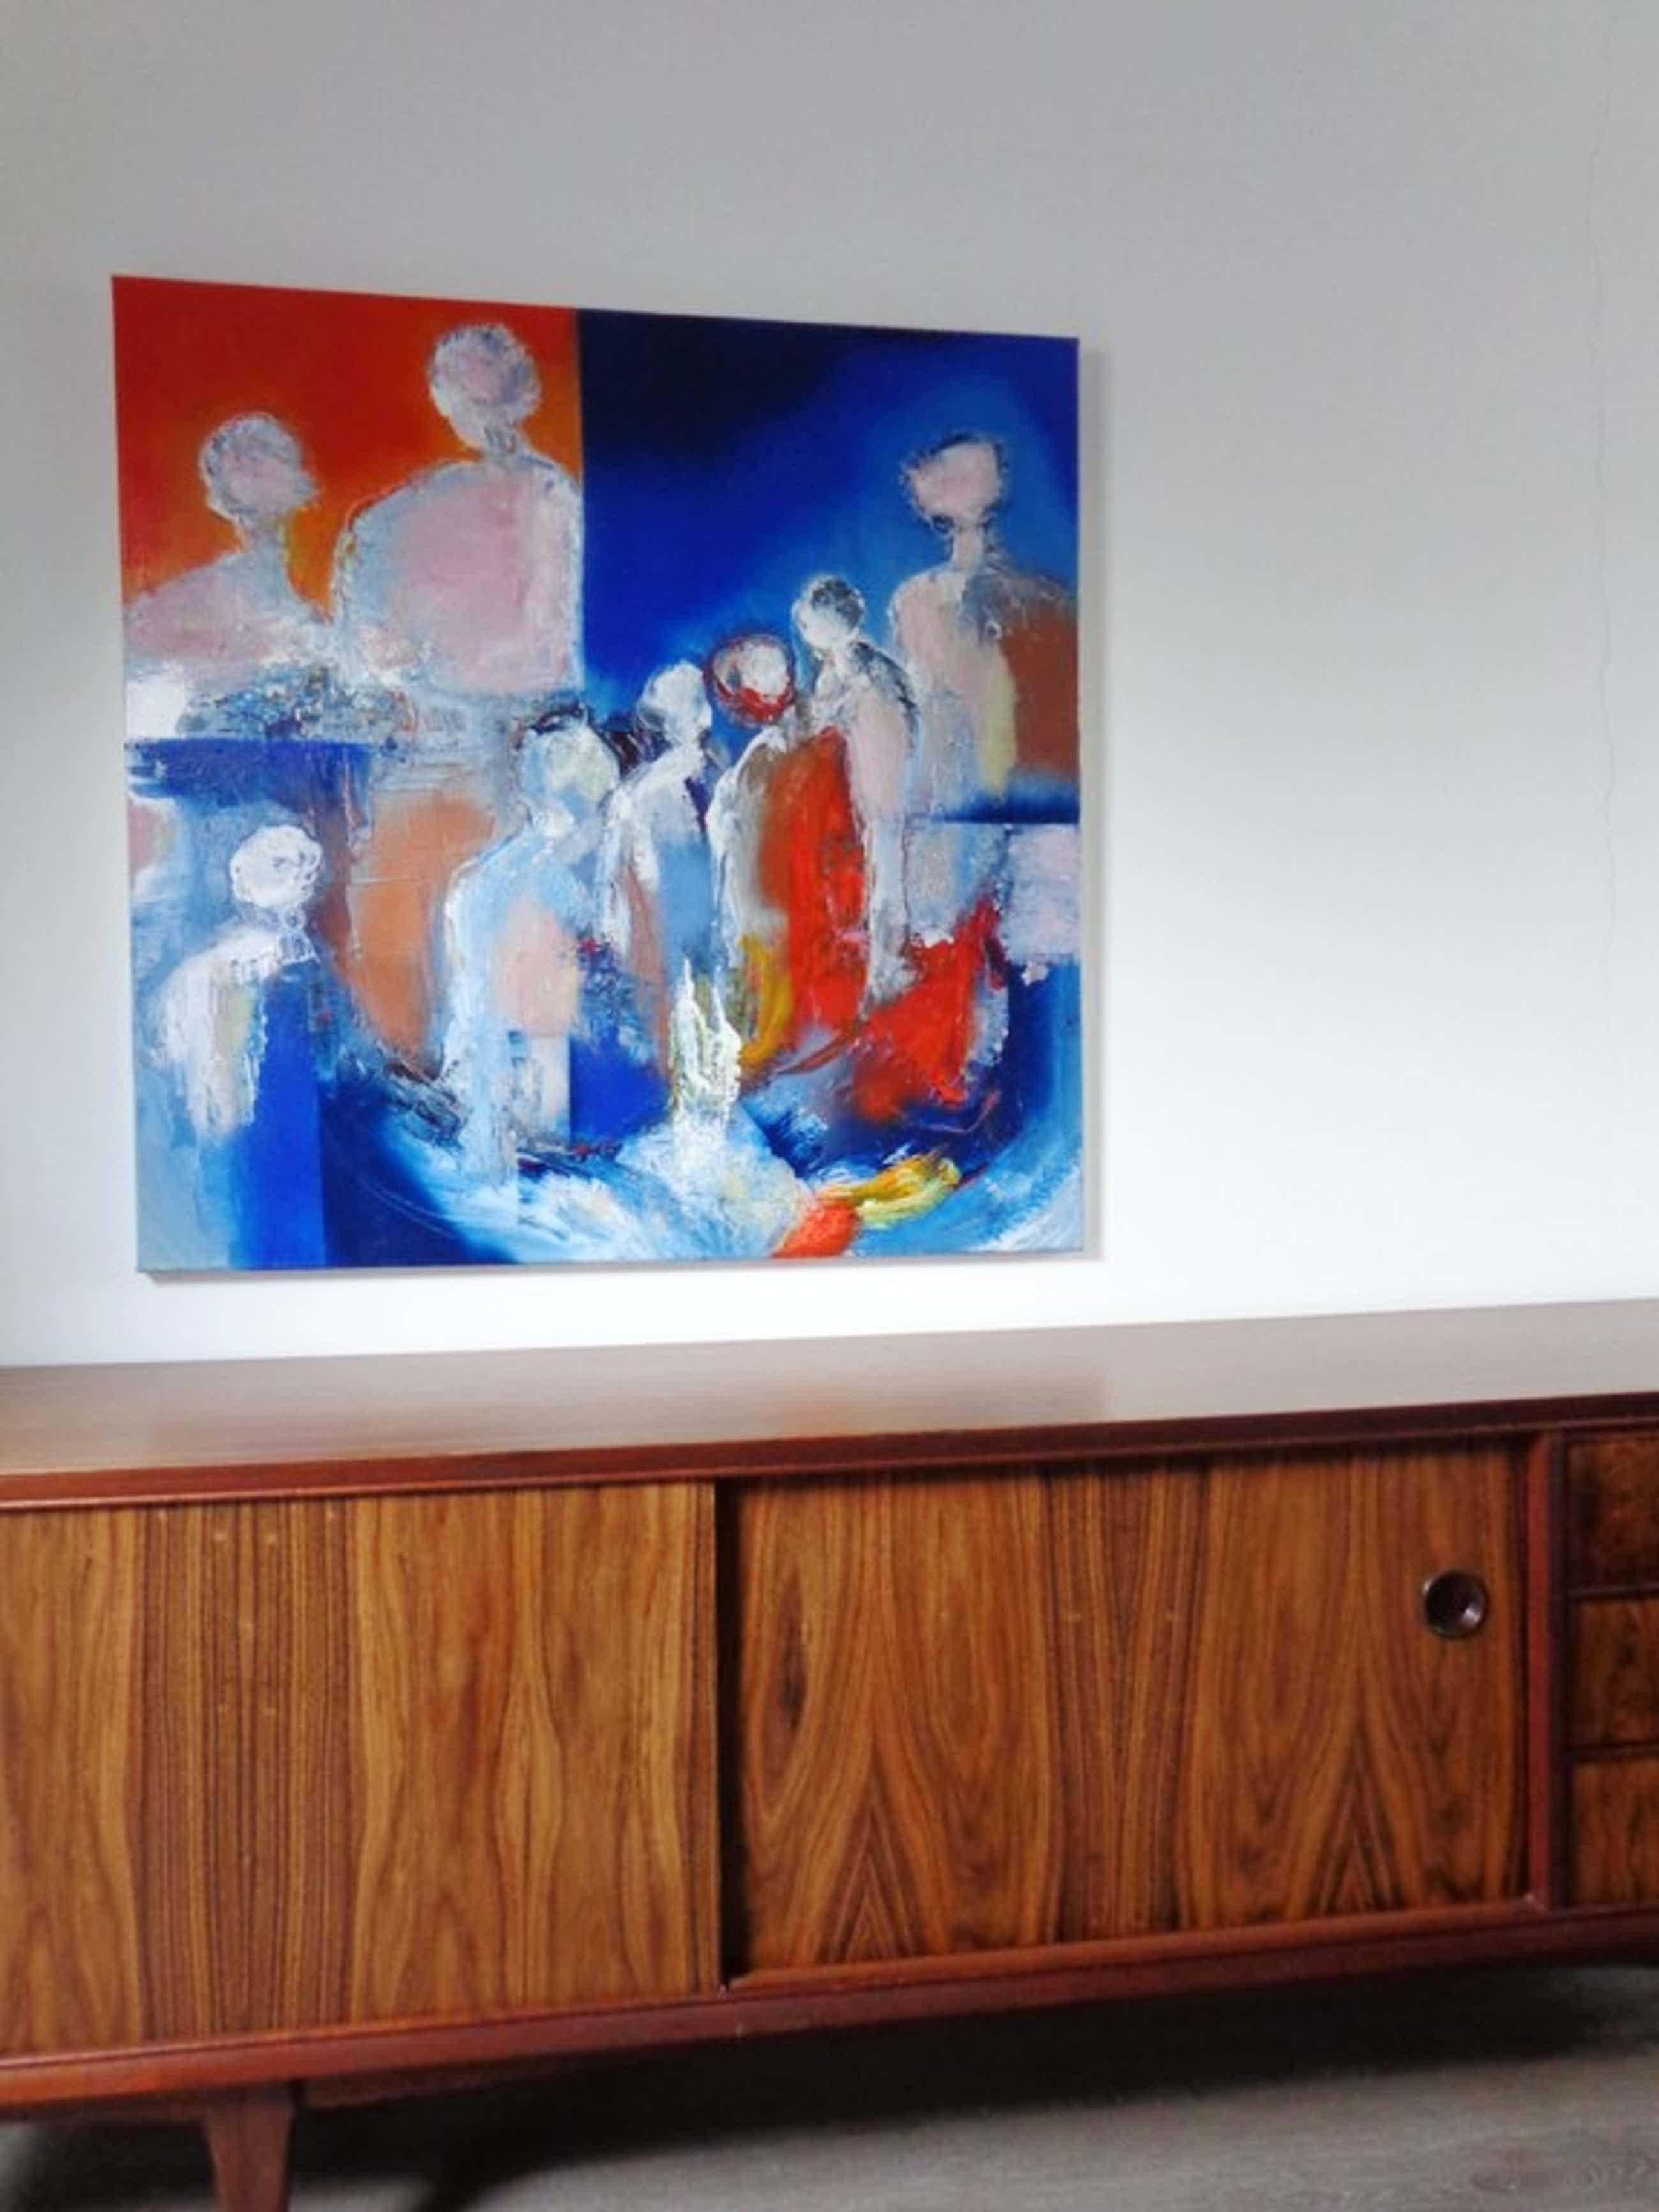 Marten Randa schilderij 'We will remember all of you' acryl op doek 100x100  kopen? Bied vanaf 160!